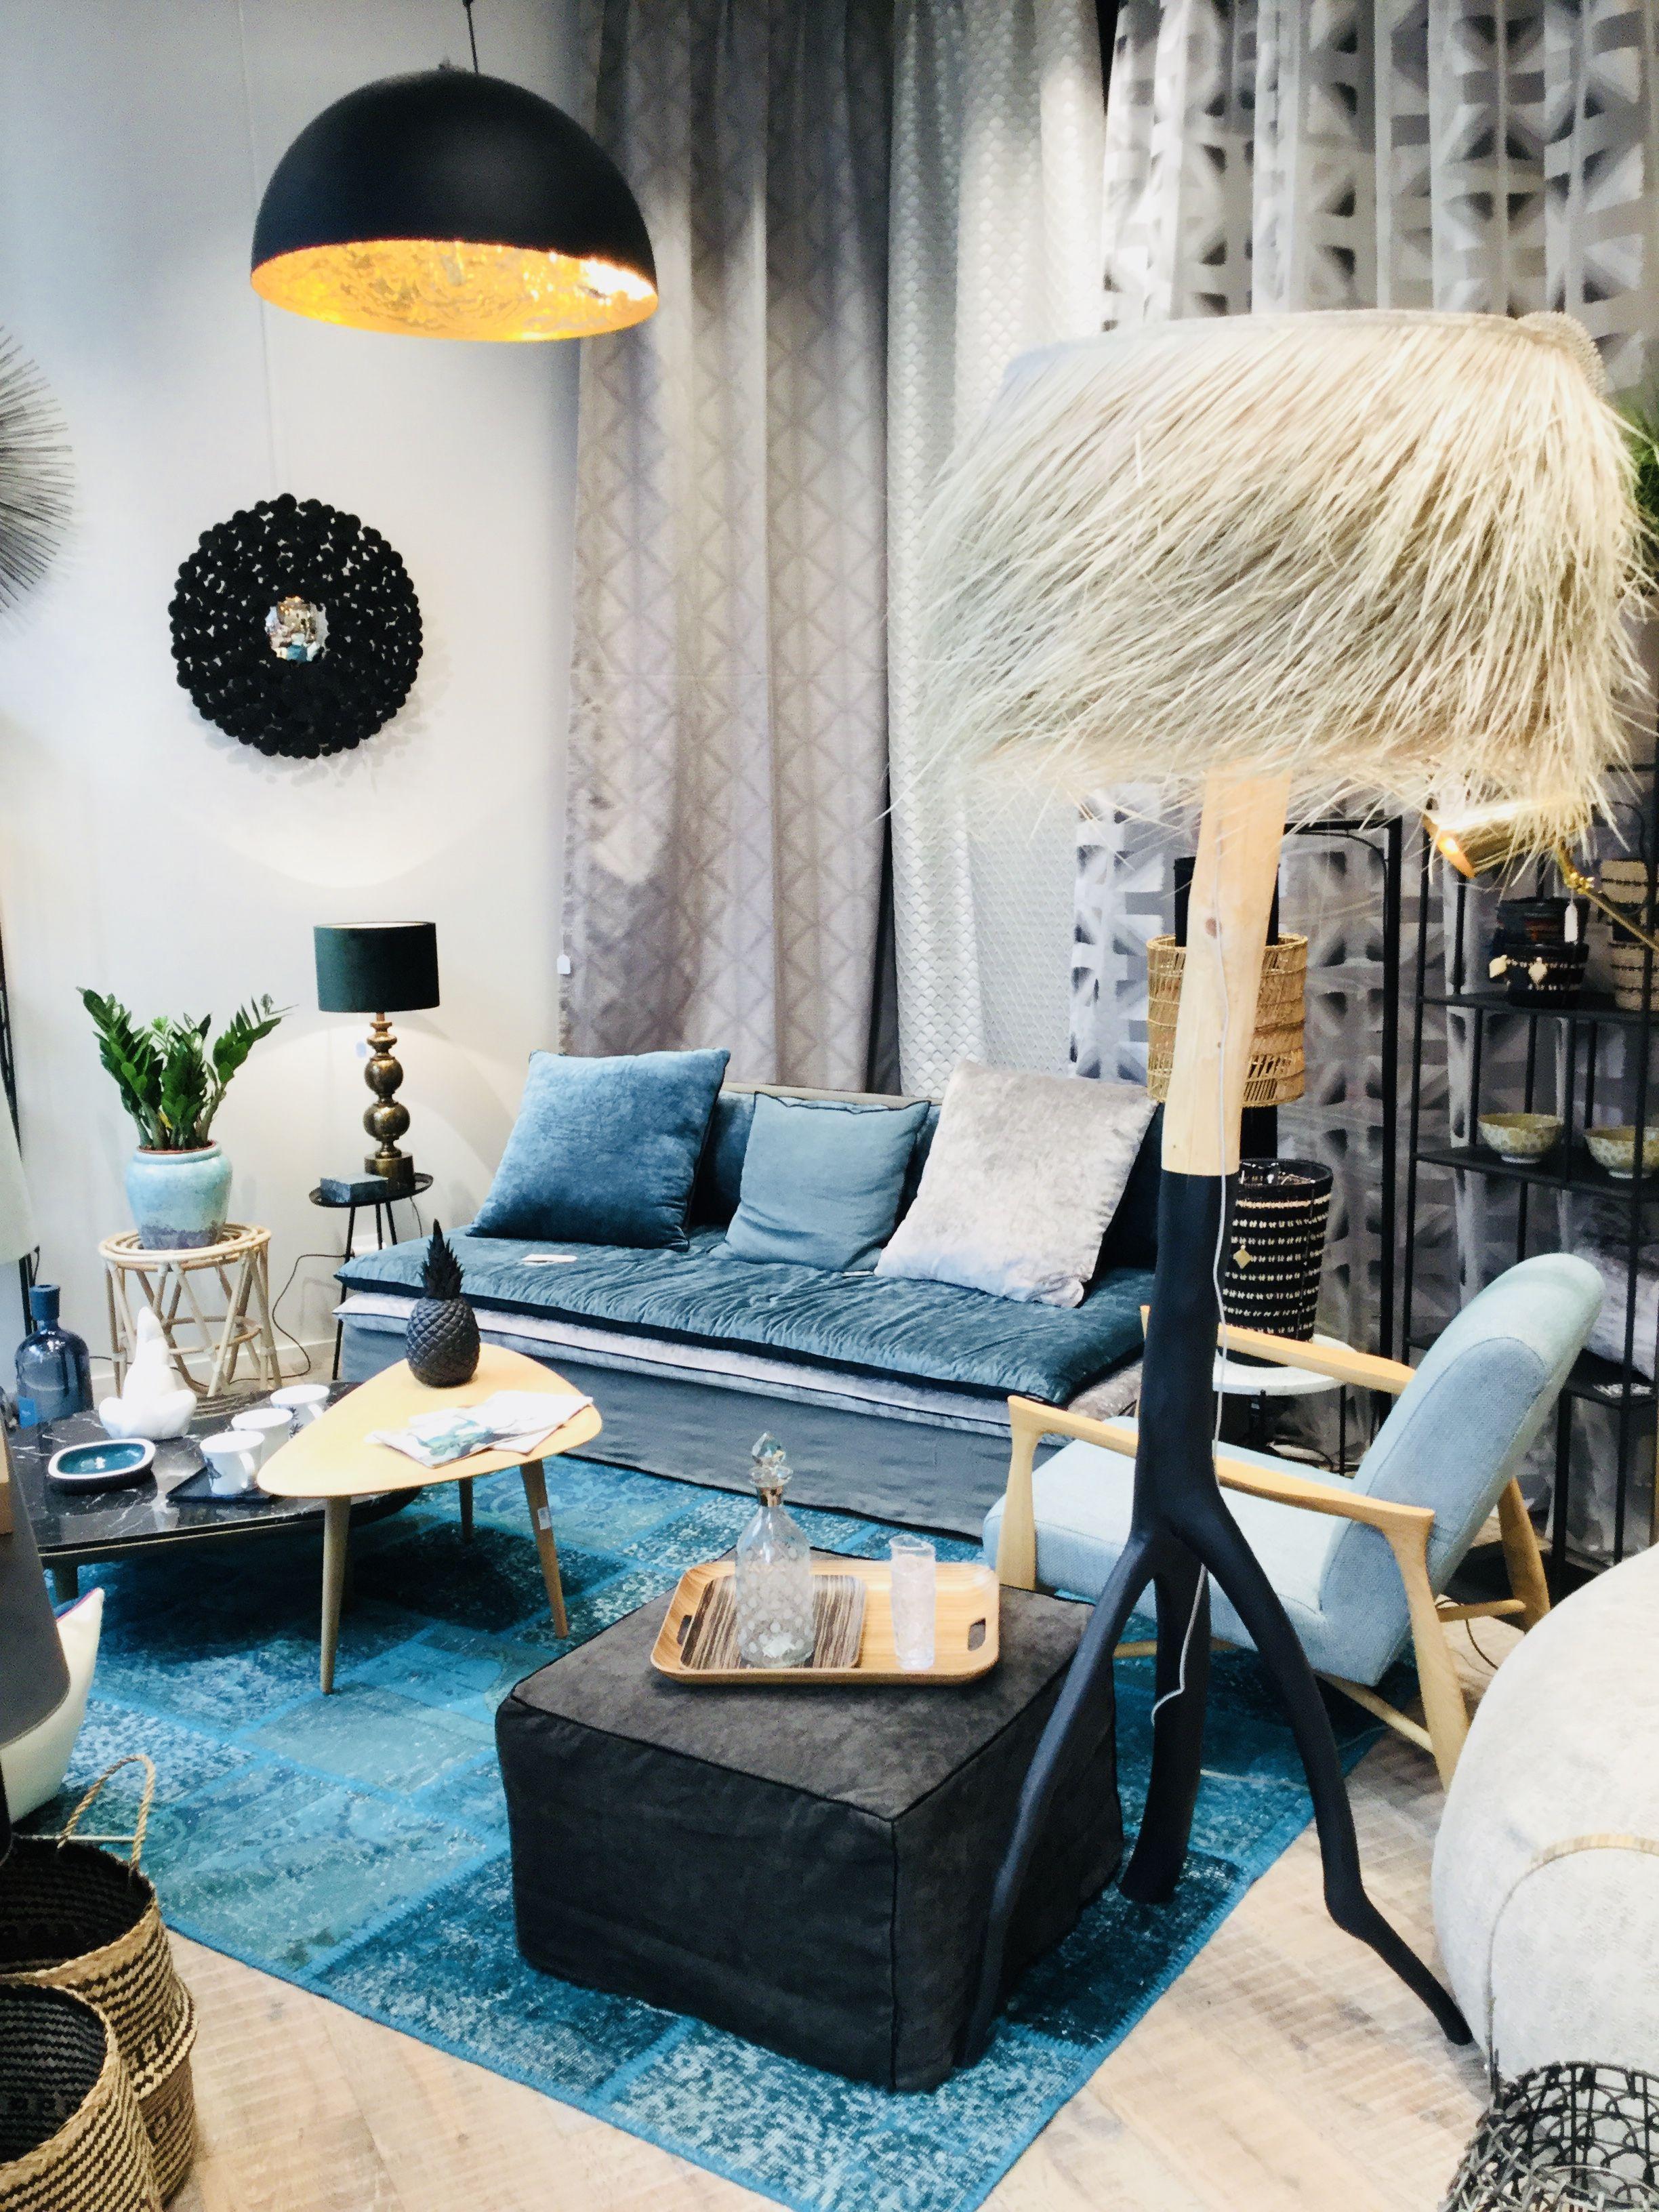 Canape Sur Mesure En Velours Bleu Canard Expose Chez Scene De Vie A Annecy Canape Haut De Gamme Decoration Salon Mobilier De Salon